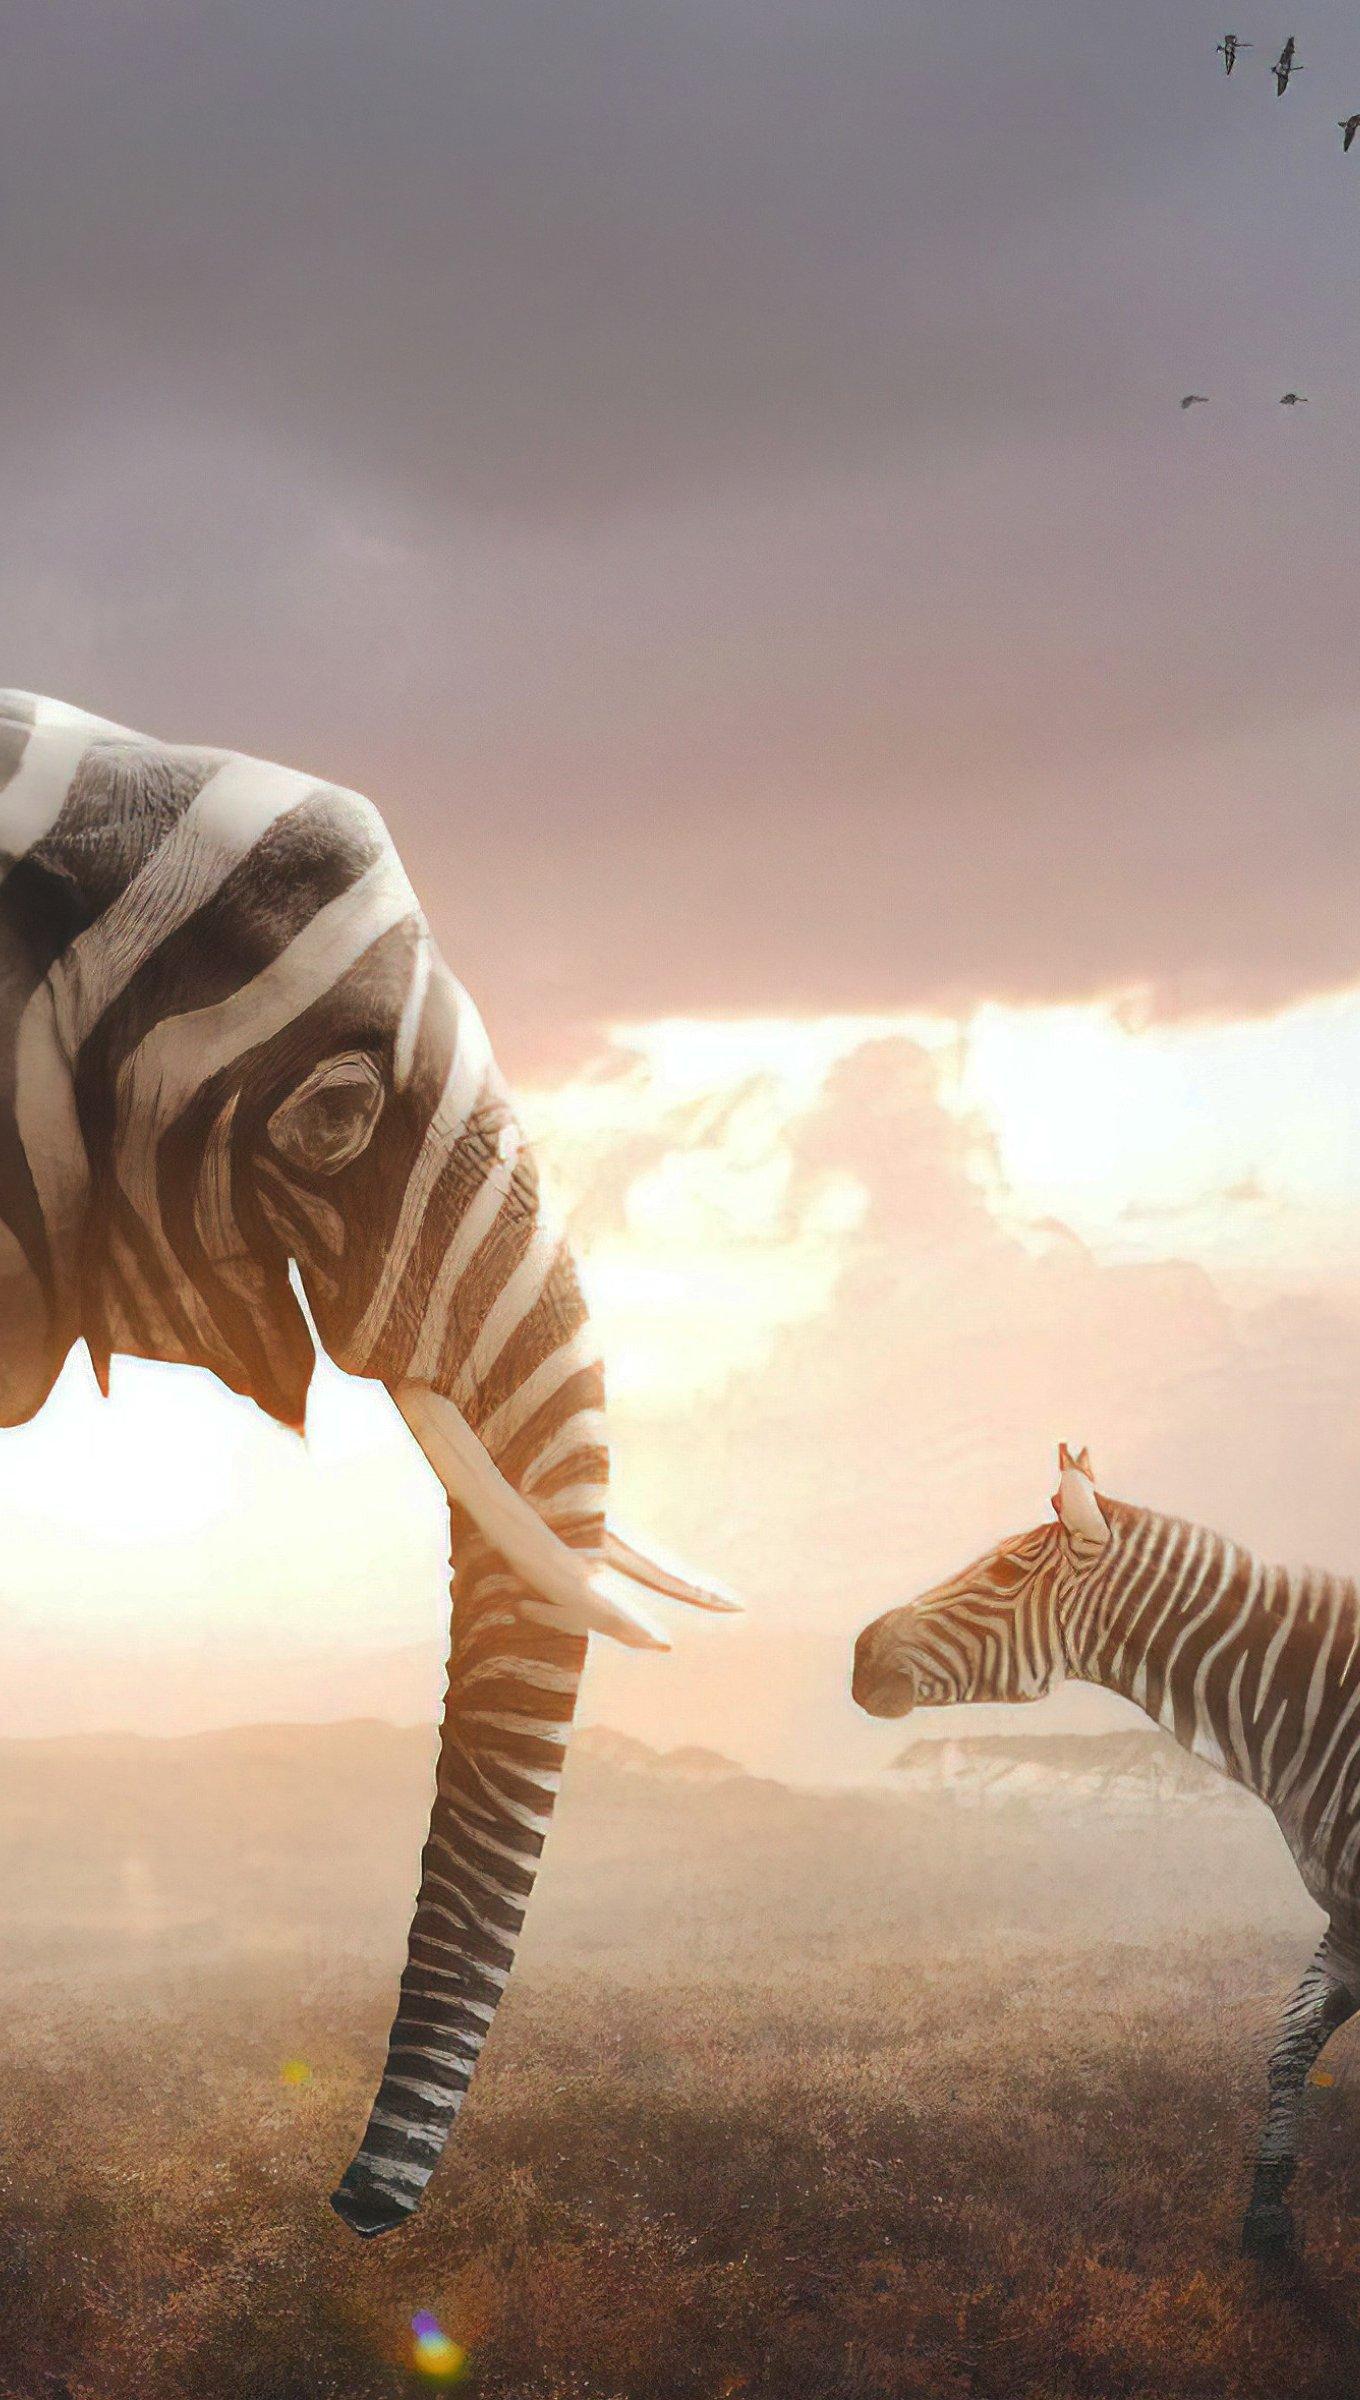 Fondos de pantalla Elefante y Cebra Vertical